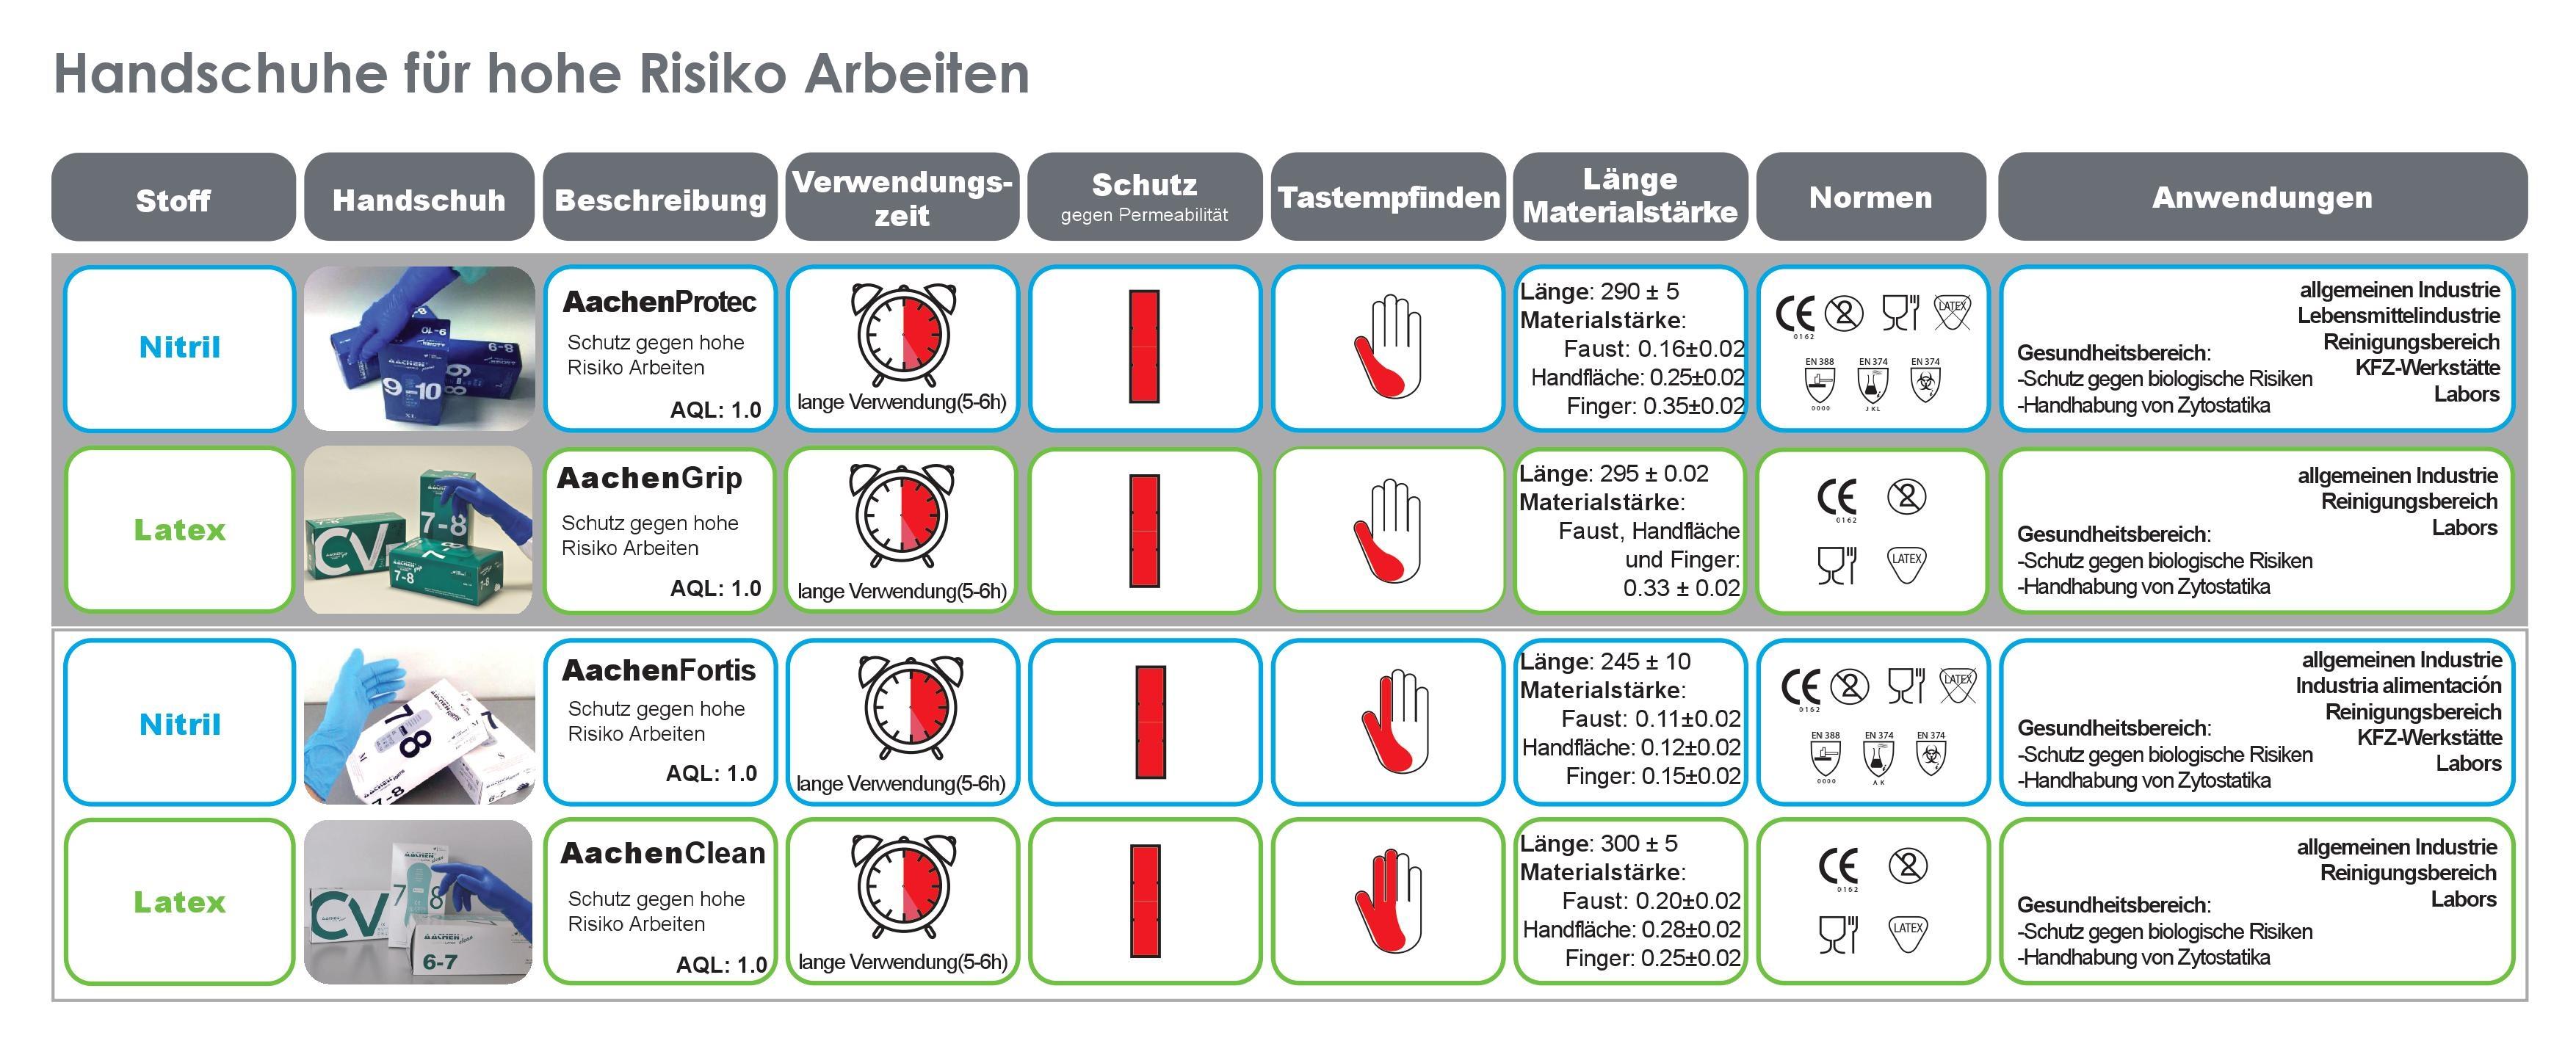 Auf dieser Tabelle zeigen wir die Unterschiede zwischen den vier Handschuhen für hohe Risiko Arbeiten. Ausser der Stoff der Handschuhe, ist der Hauptunterschied die Tastempfindlichkeit, indem AachenClean hervorhebt. Click auf dem Bild um es besser zu sehen.